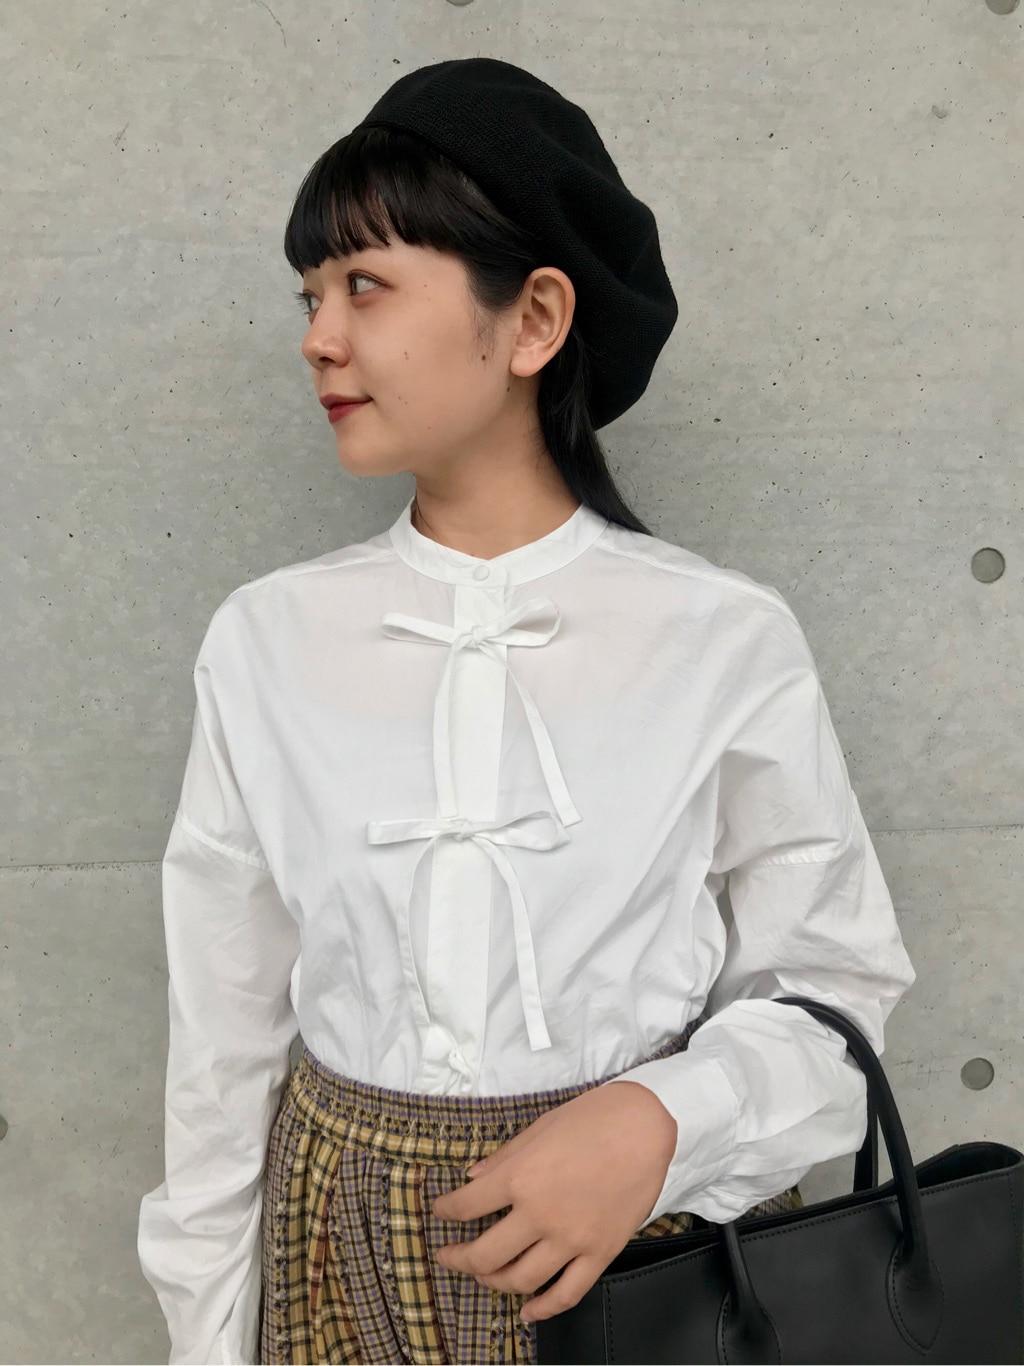 l'atelier du savon 東京スカイツリータウン・ソラマチ 身長:154cm 2020.09.25